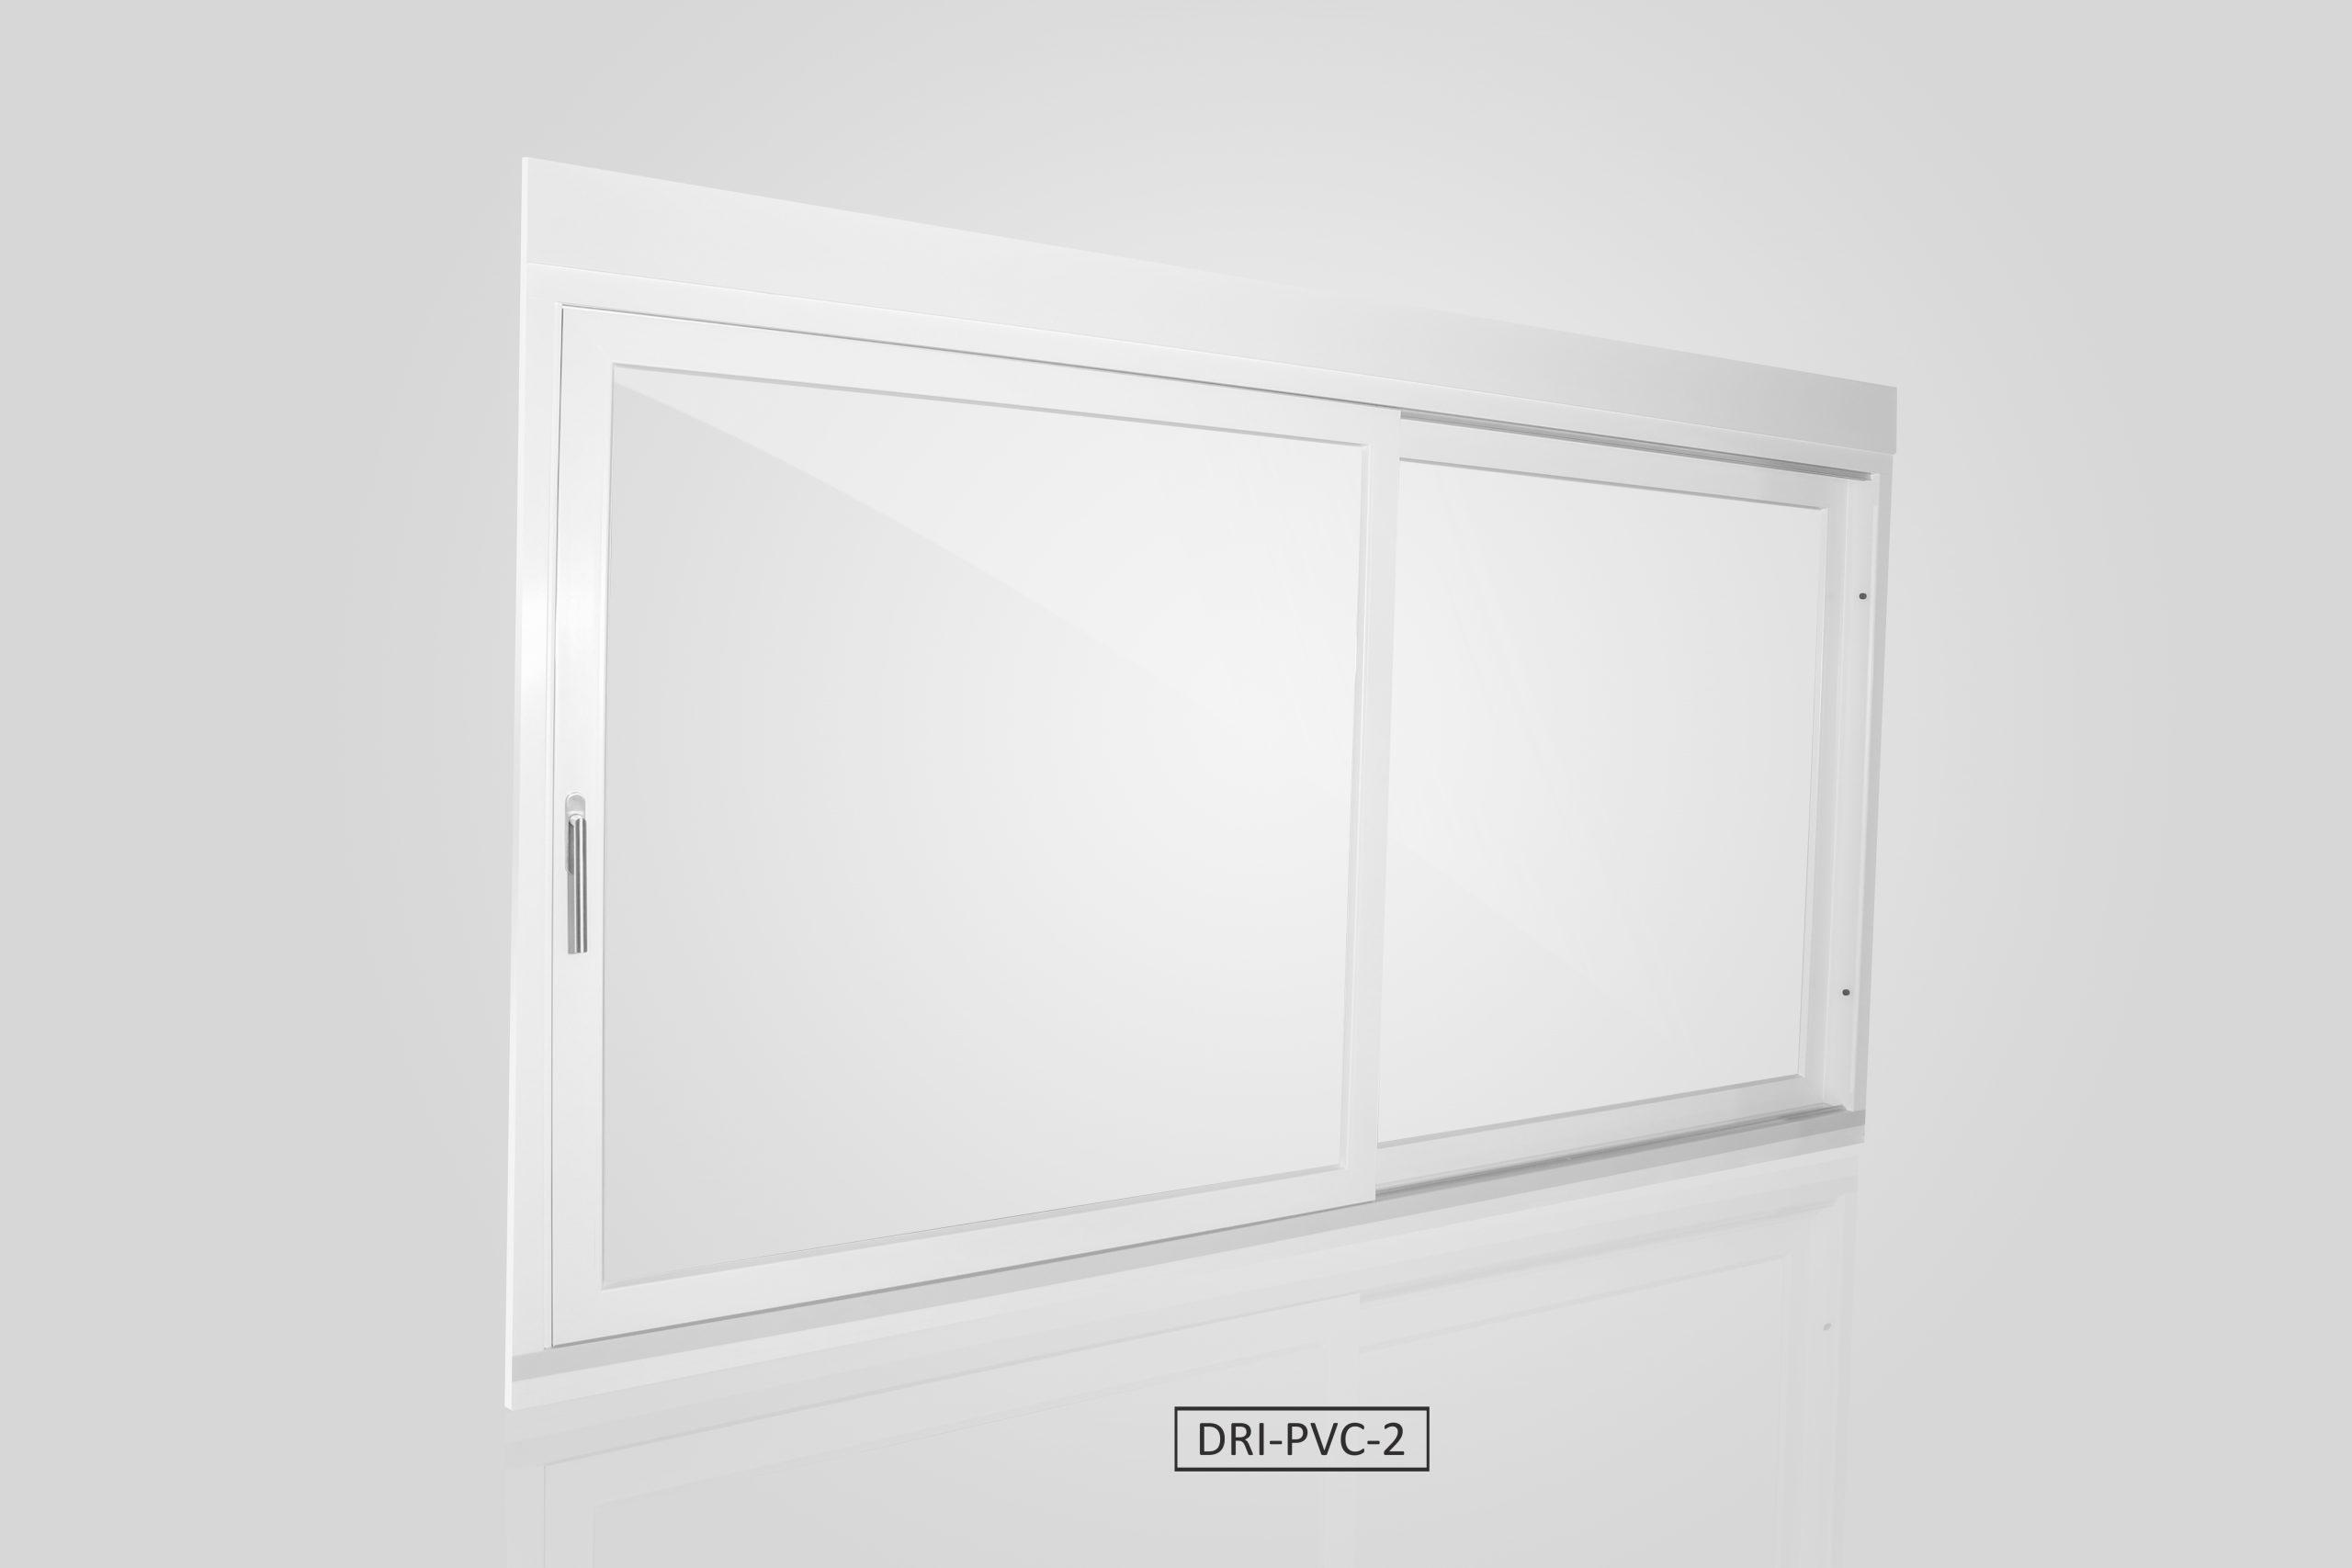 Full Size of Kbe Fenster Kosova Model Willkommen Sonnenschutz Online Konfigurator Alarmanlage Kunststoff Meeth Polnische Holz Alu Preise Rundes Plissee Verdunkelung Rollos Fenster Kbe Fenster